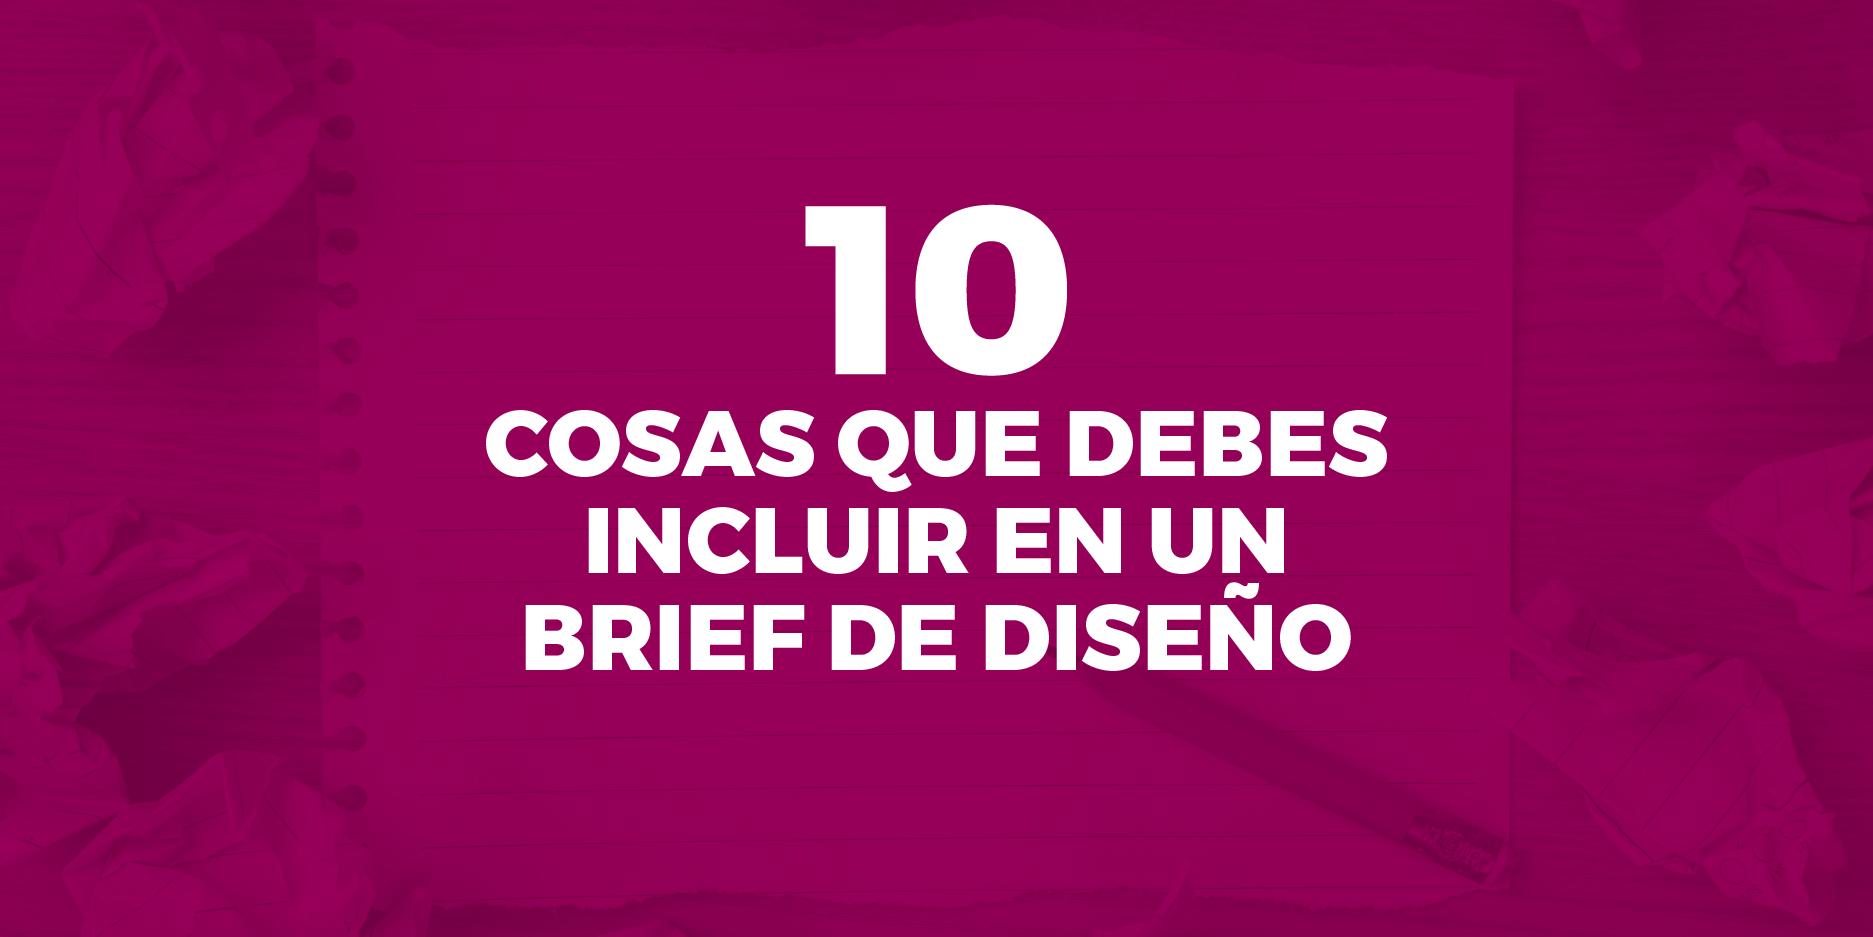 como elaborar un buen brief de diseño grafico - 10 tips